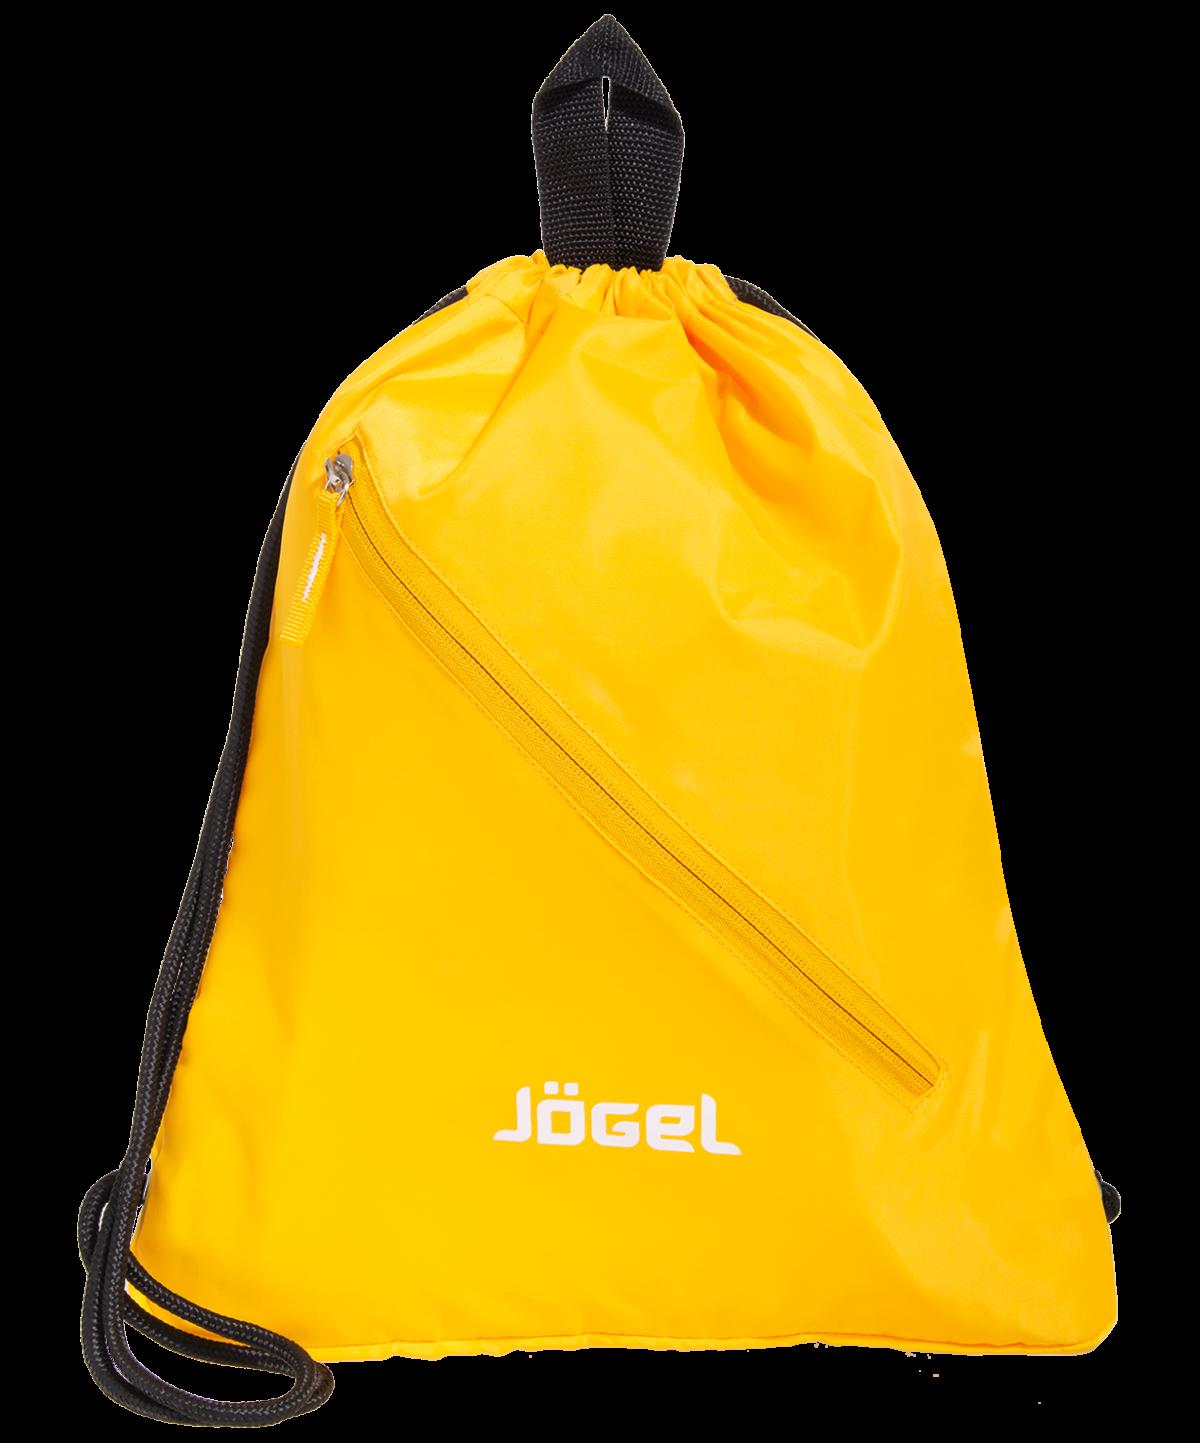 JOGEL Мешок для обуви  JGS-1904: жёлтый/чёрный - 1